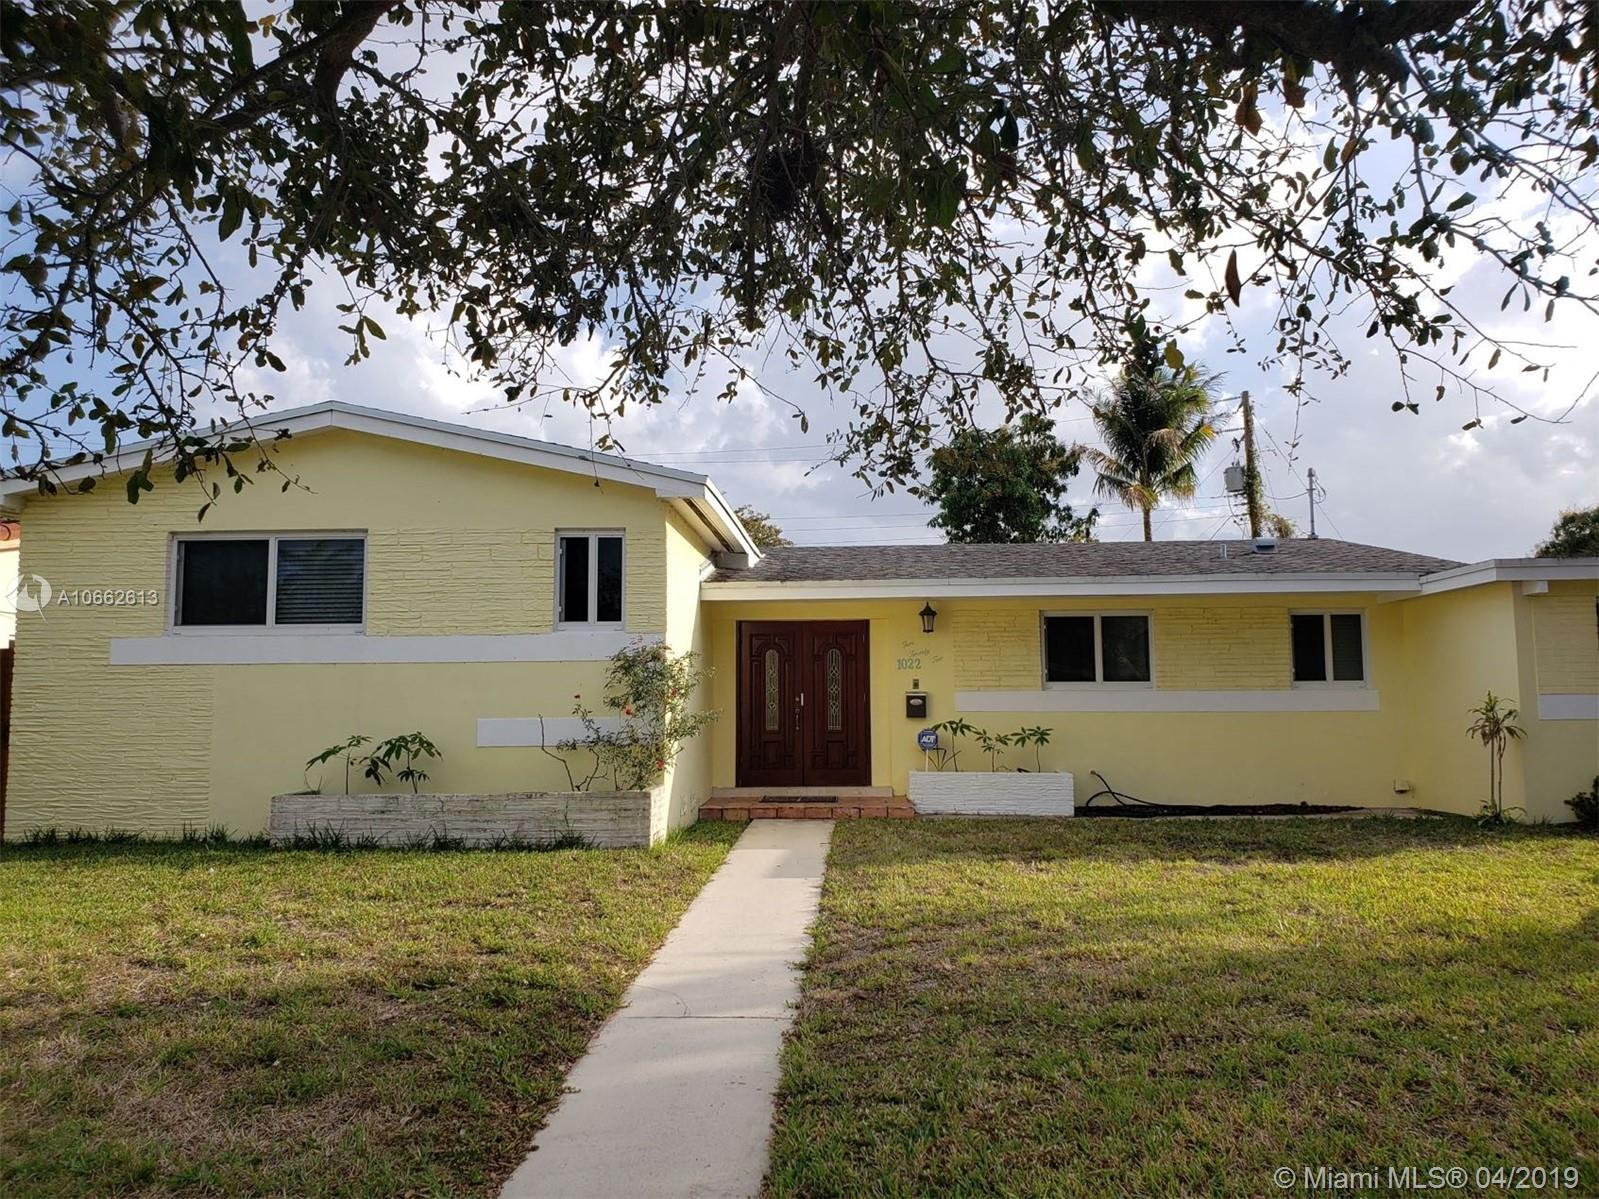 1022 NE 179th Ter, Miami Shores, Florida